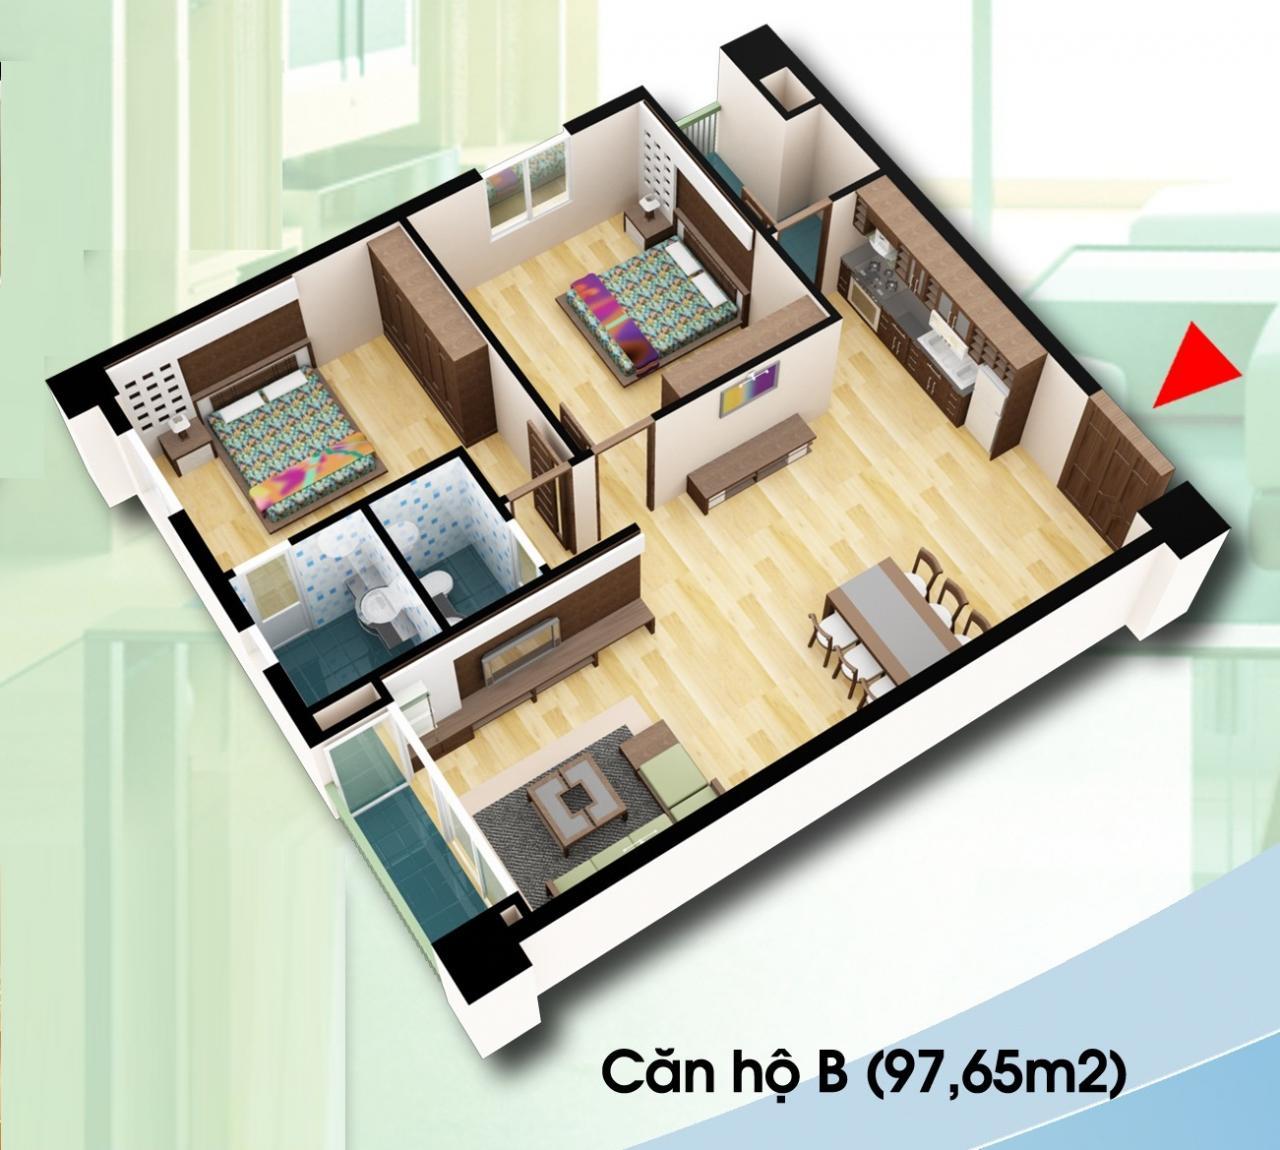 căn hộ B 97,65m2